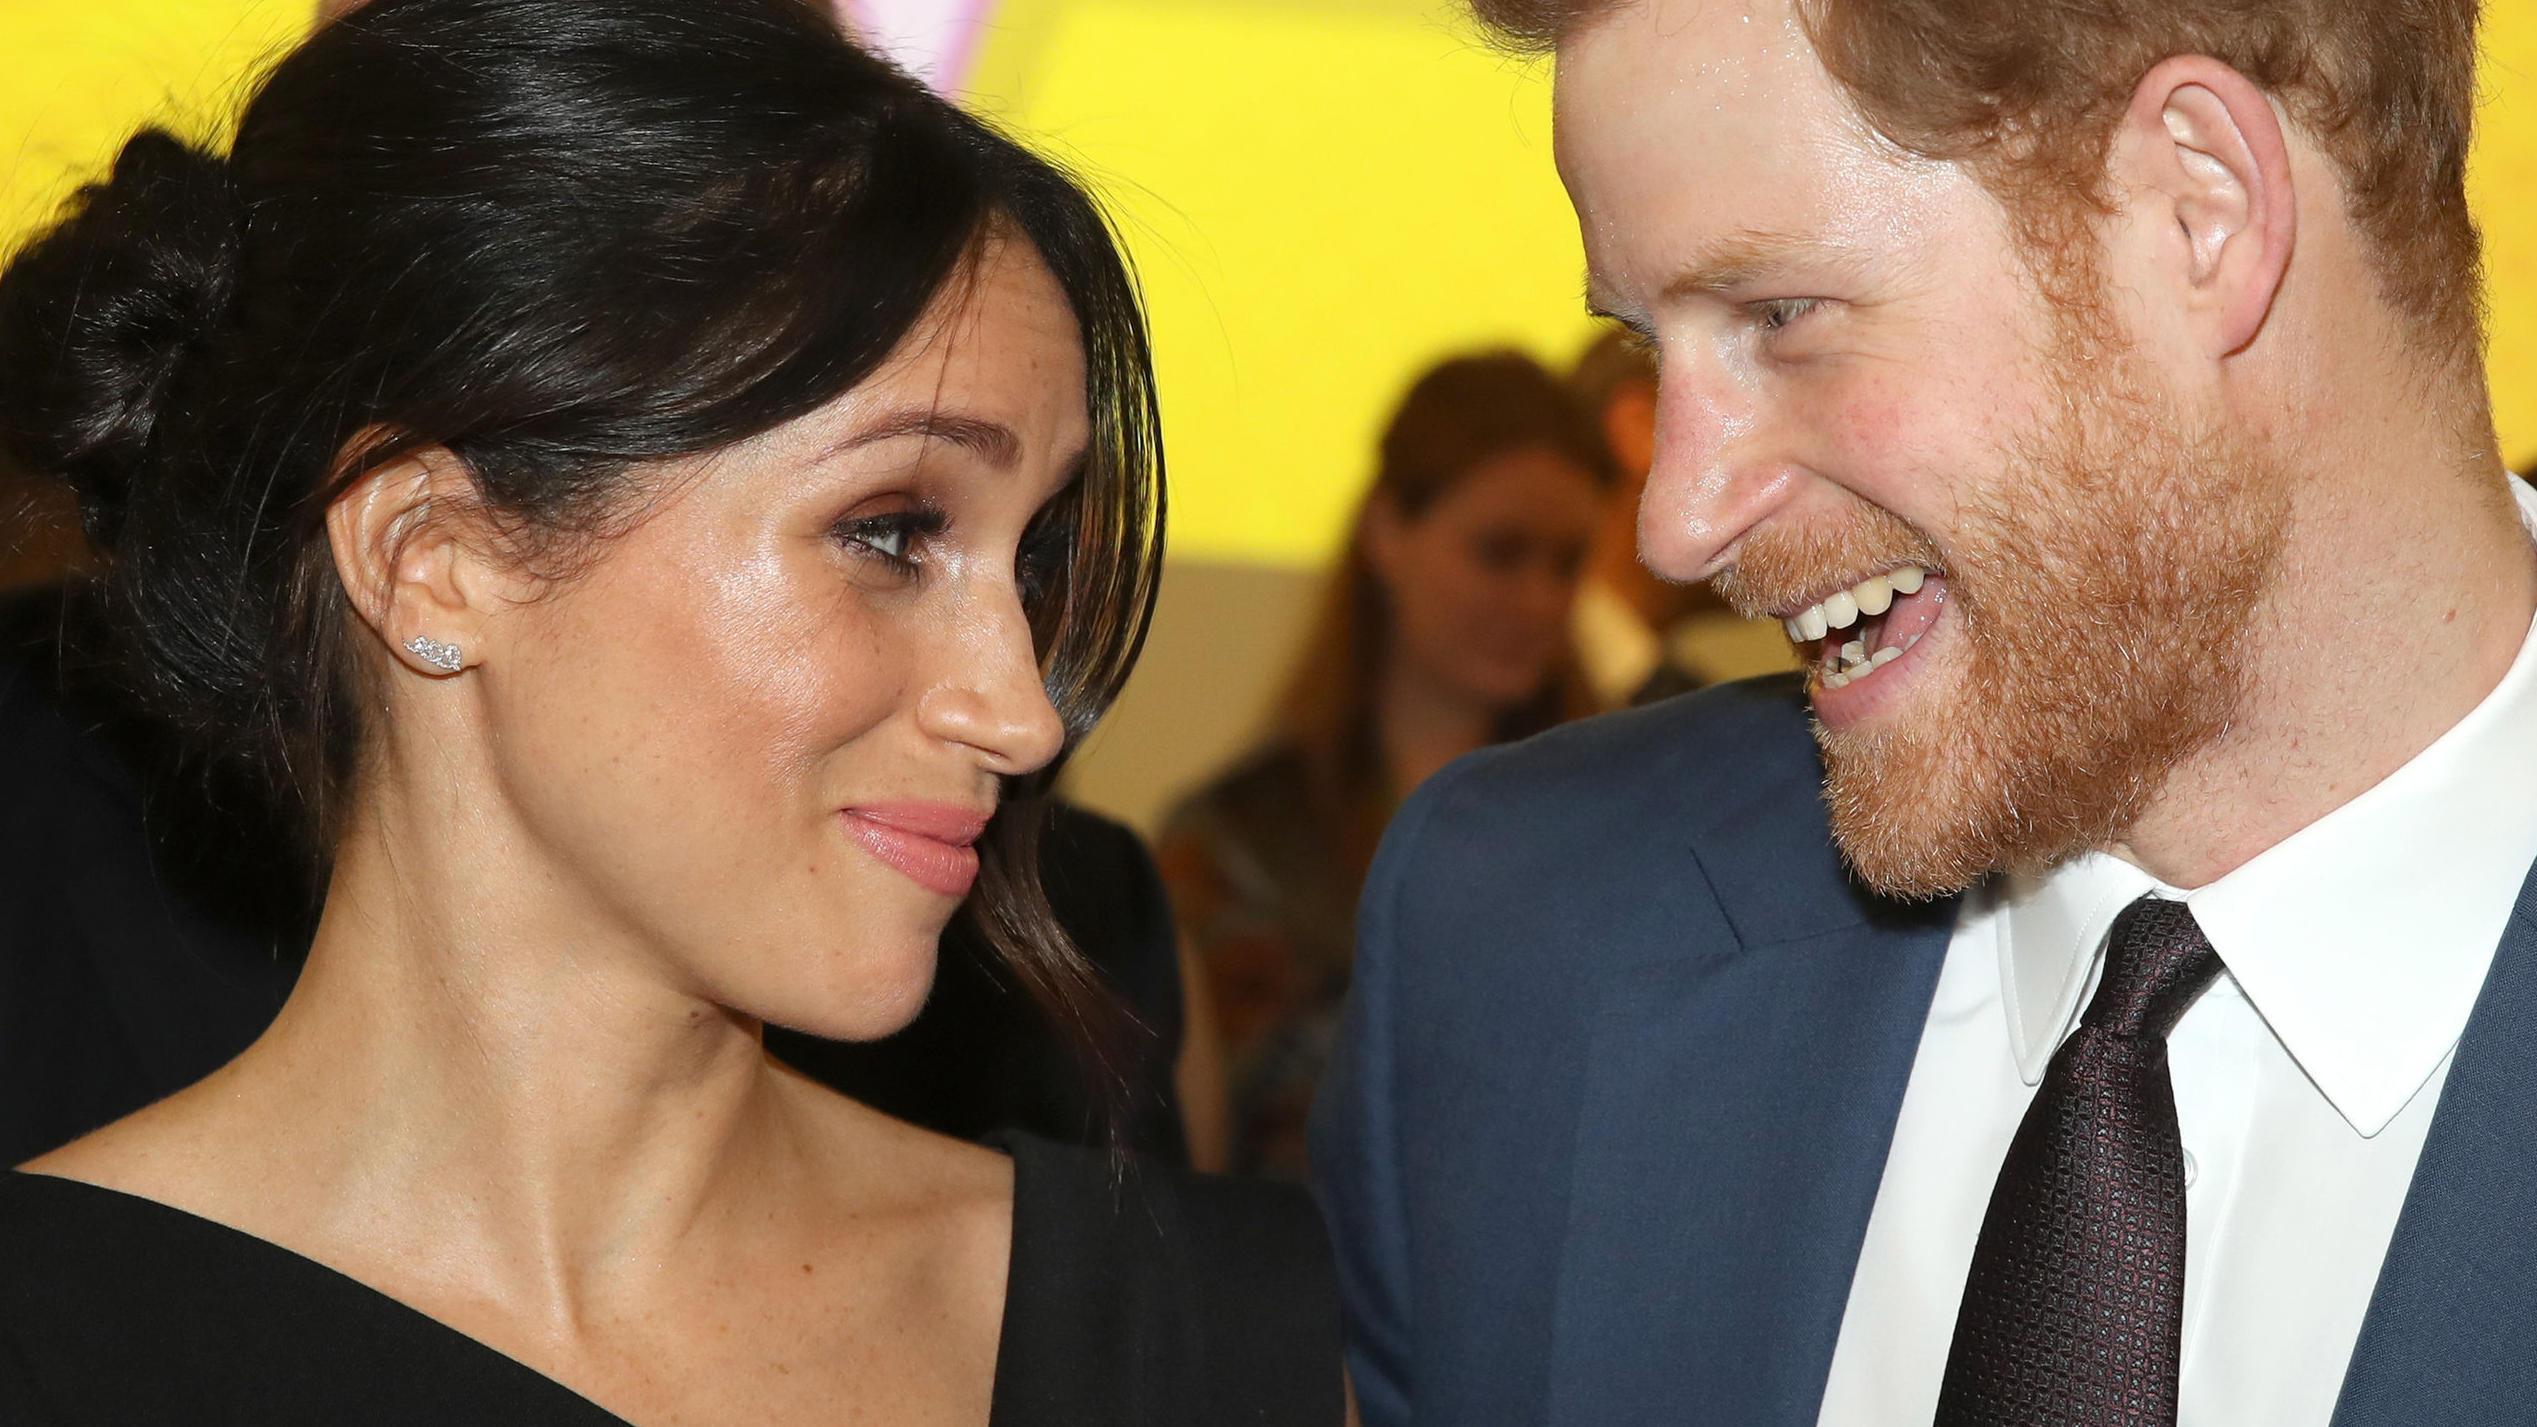 Es ist offiziell: Prinz Harry und Meghan Markle sind ein Paar